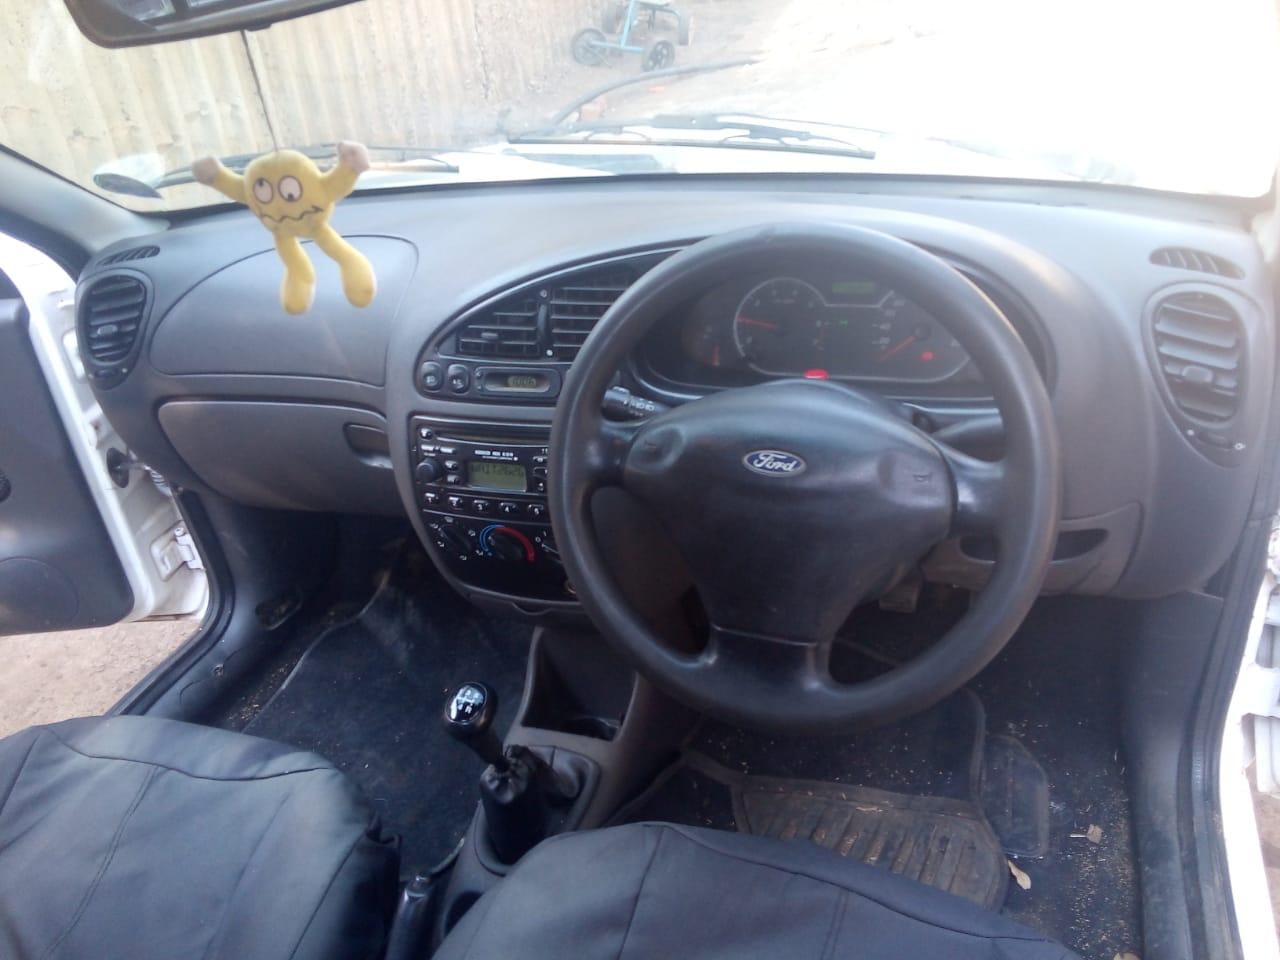 2010 Ford Bantam 1.3i XLT